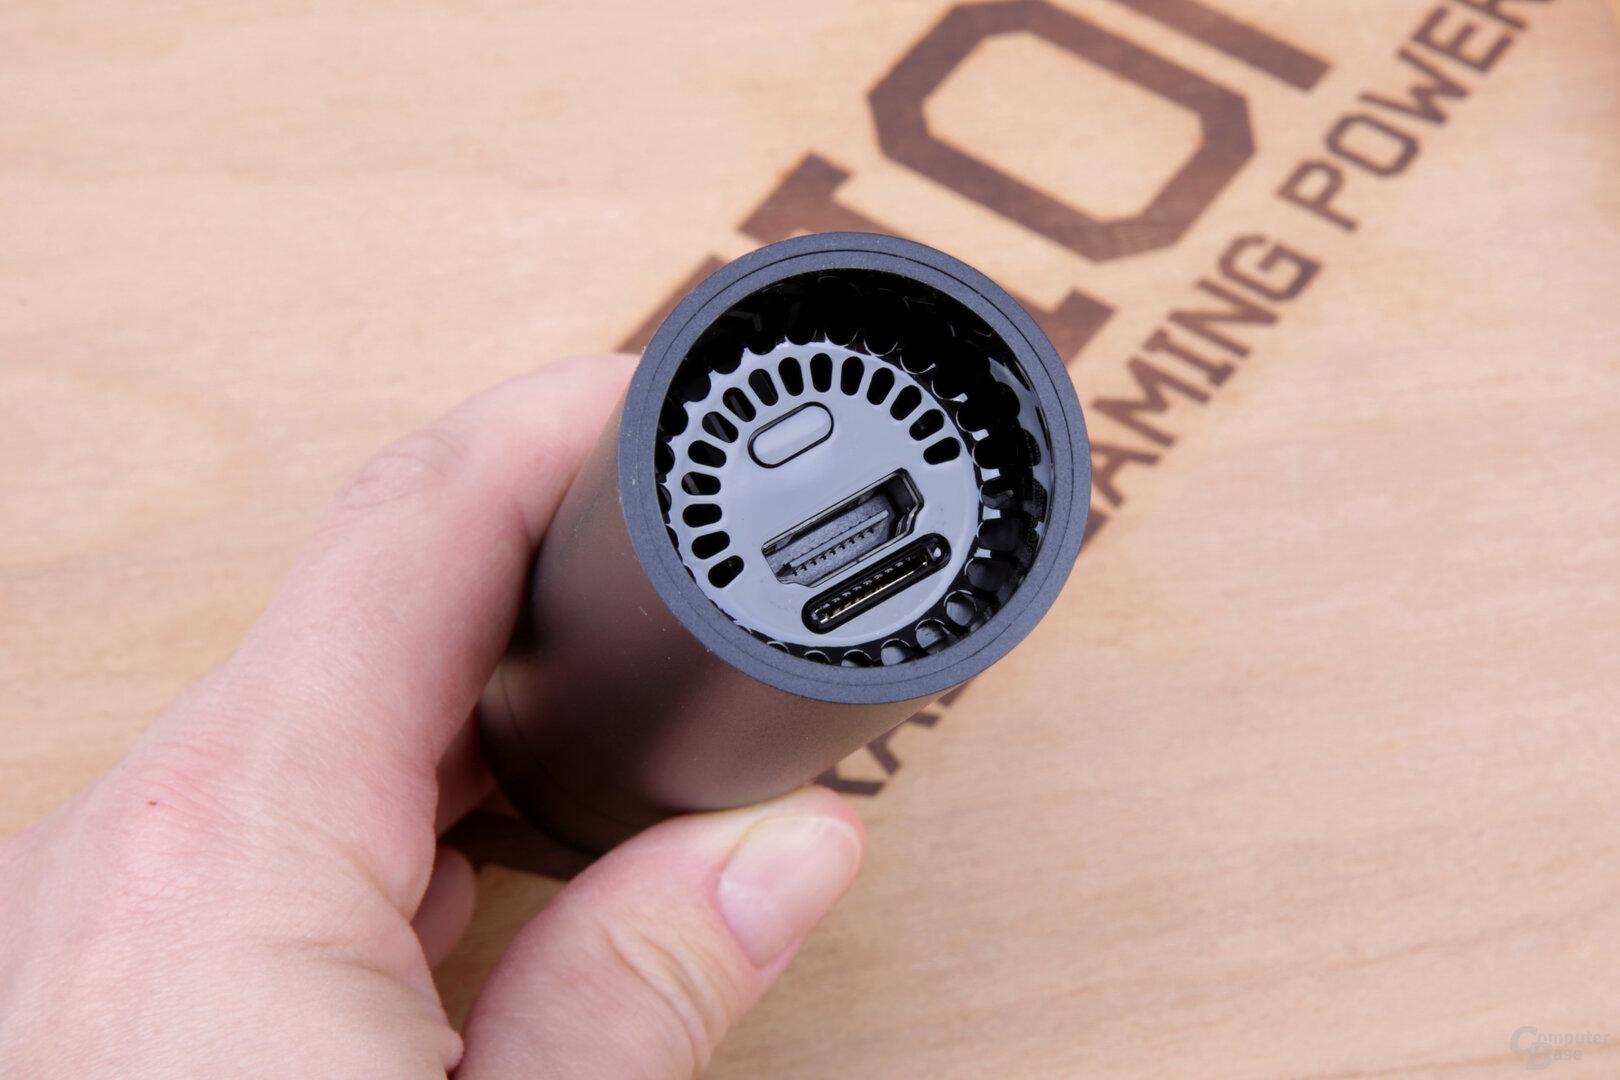 Anschlüsse für HDMI und microSD